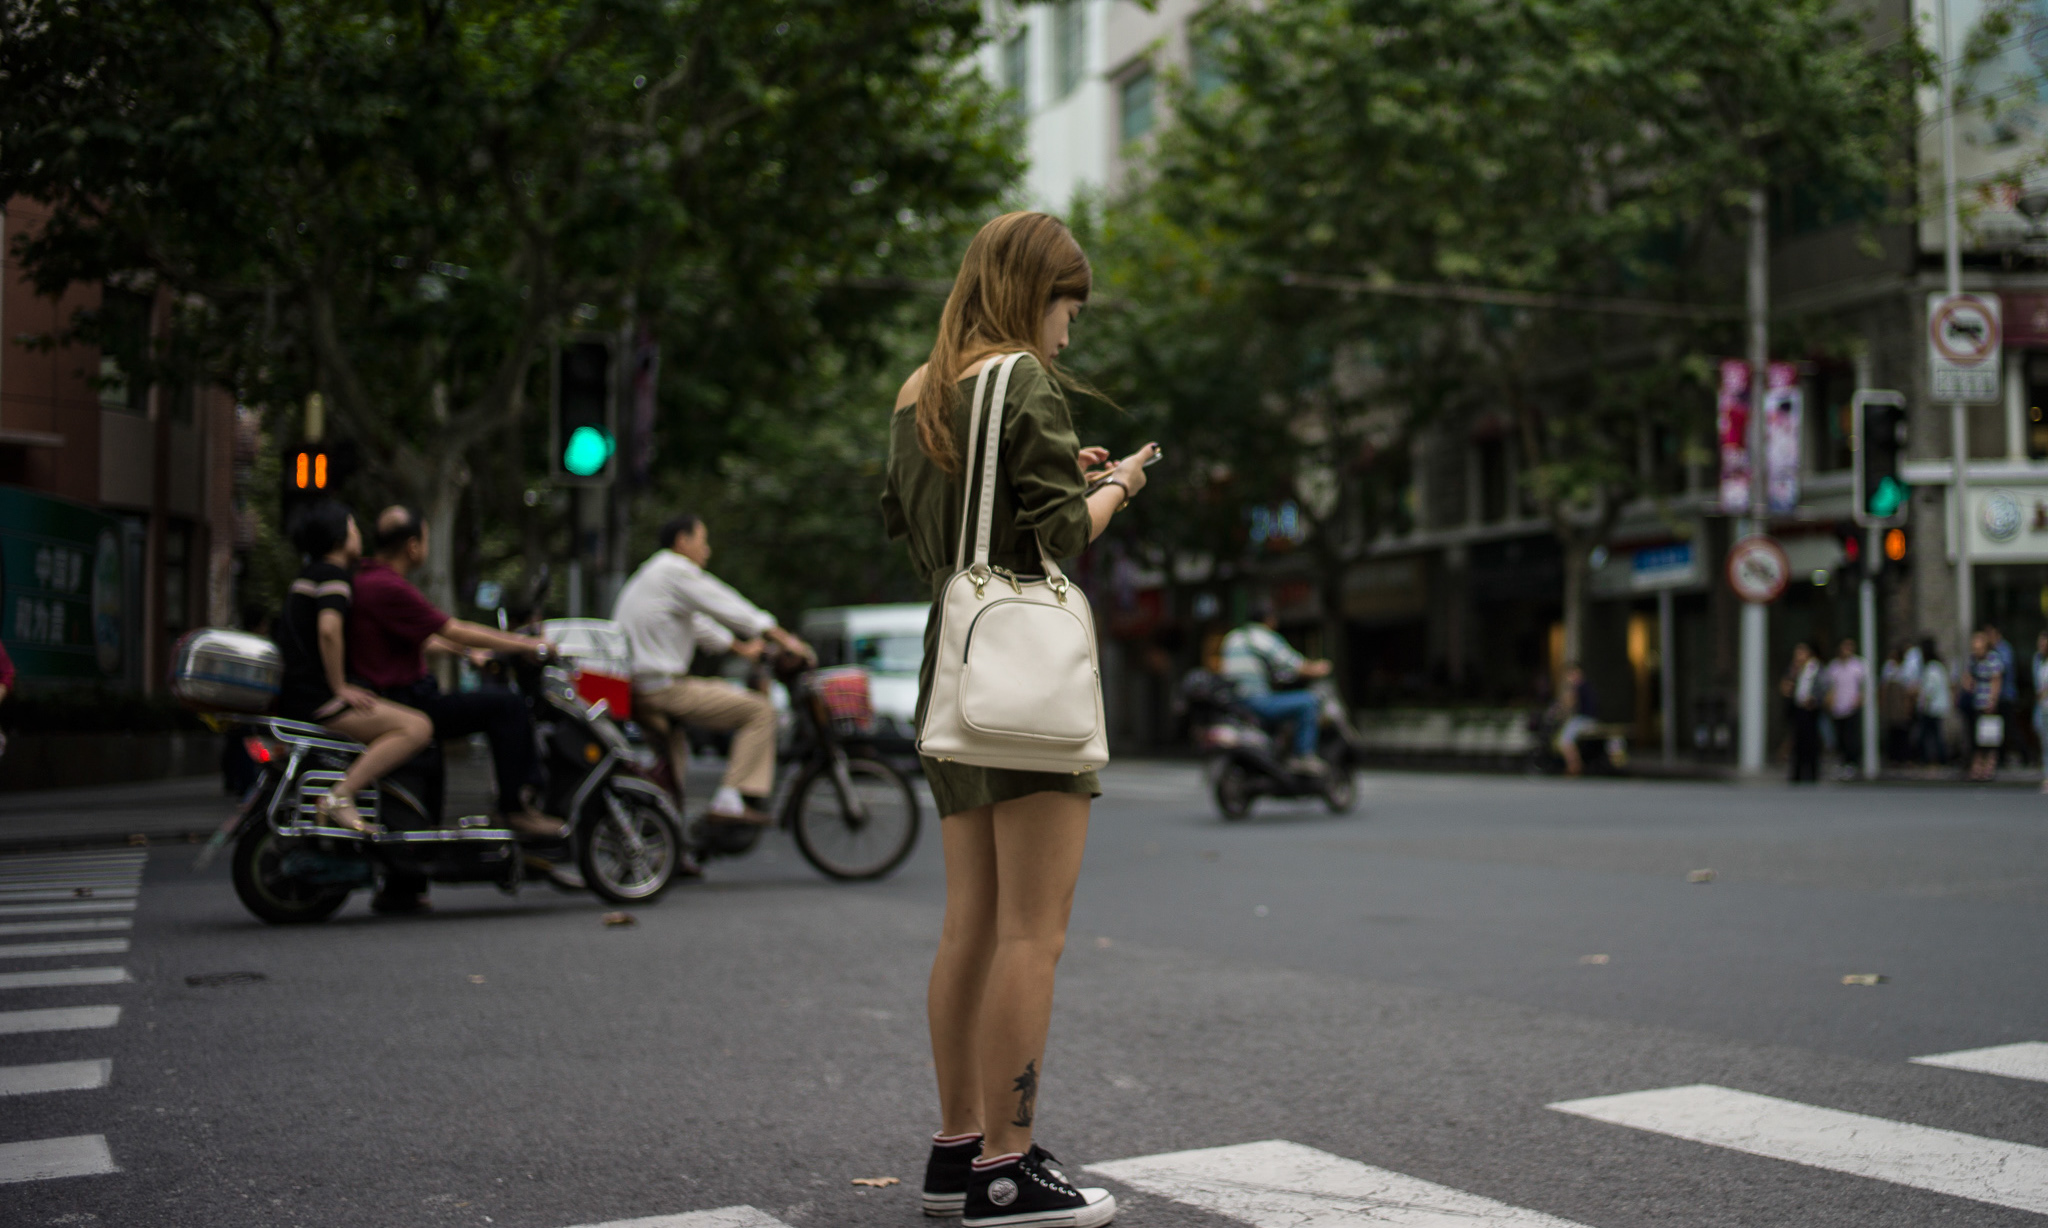 обладают прекрасными картинки с людьми на улице красивые того, как